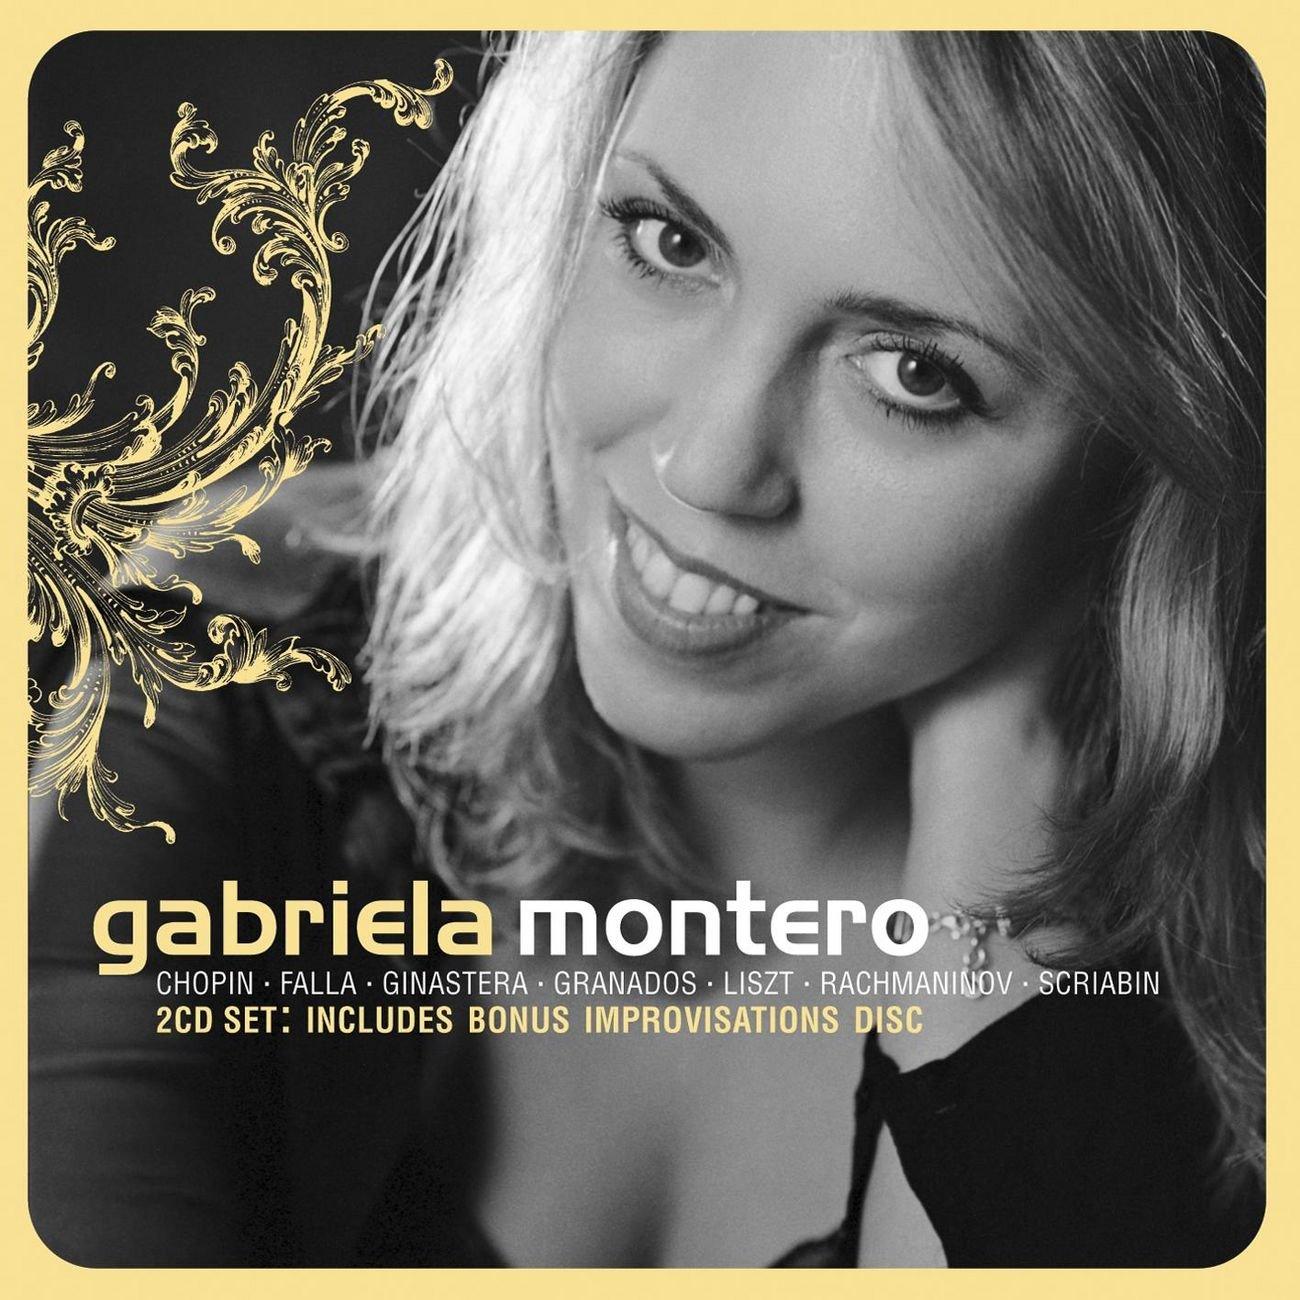 Gabriela Montero: Max 56% OFF Chopin · Cheap super special price Ginastera Falla Granados